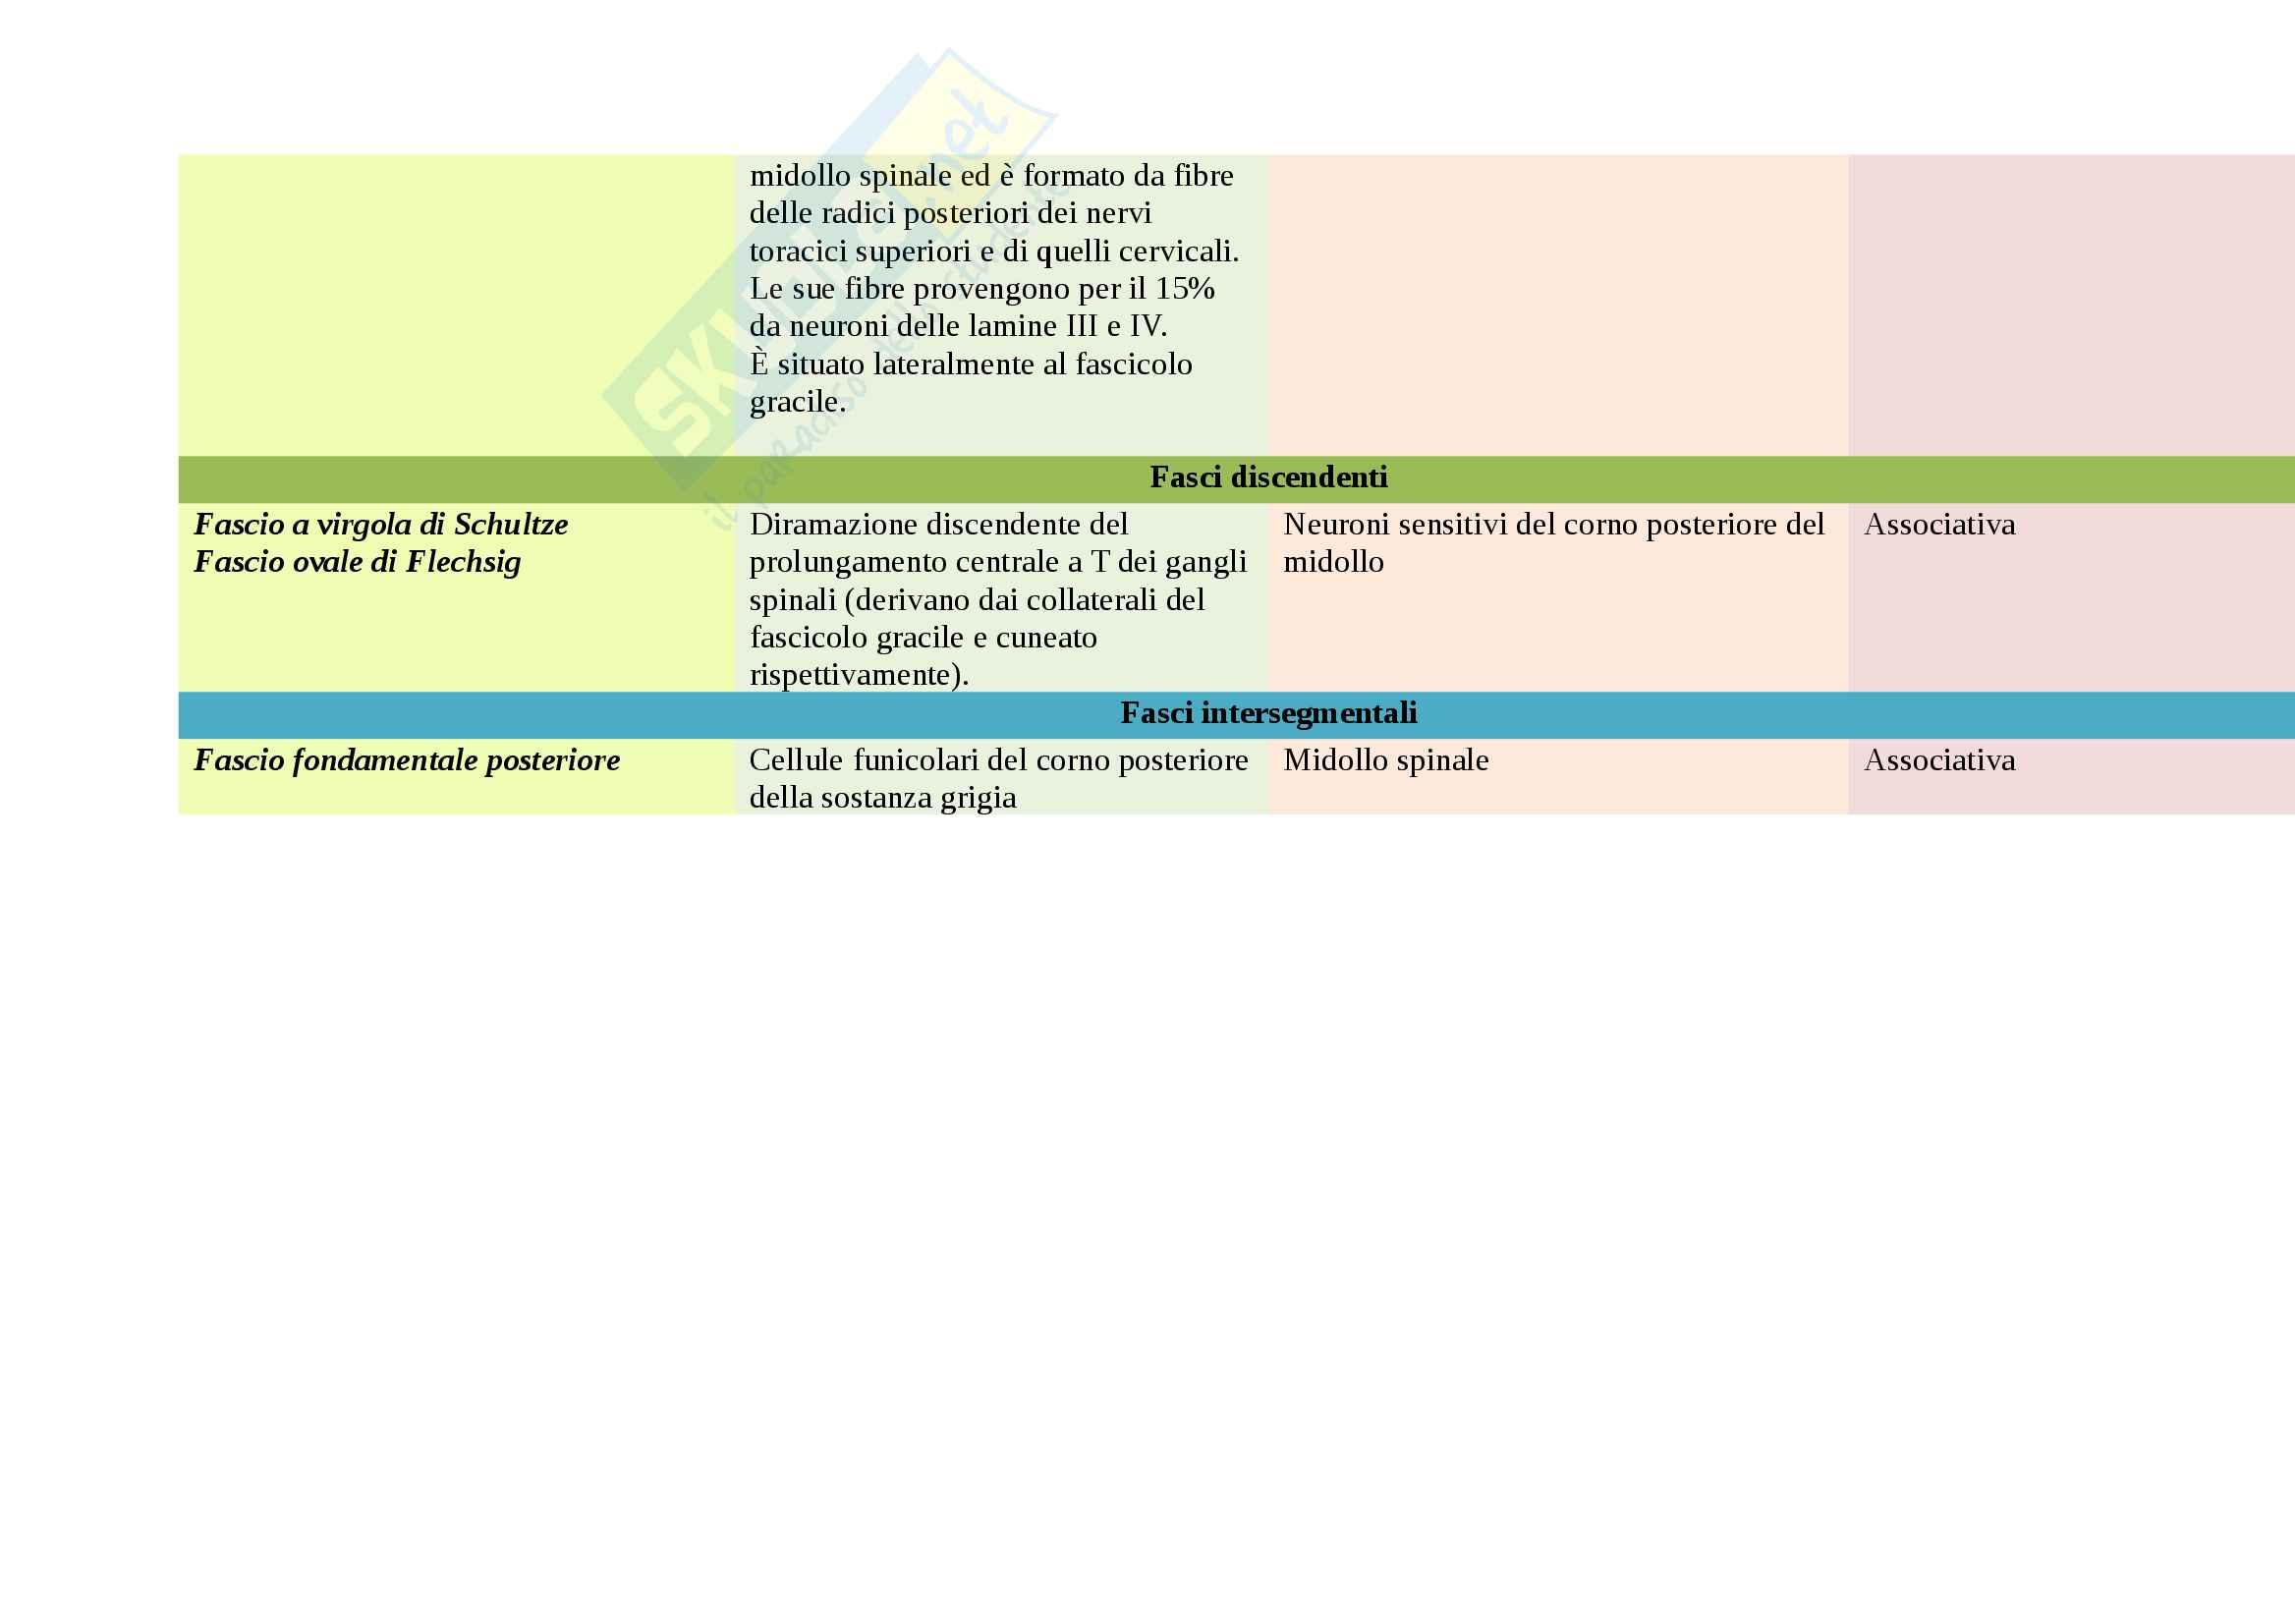 Fasci del midollo spinale Pag. 6